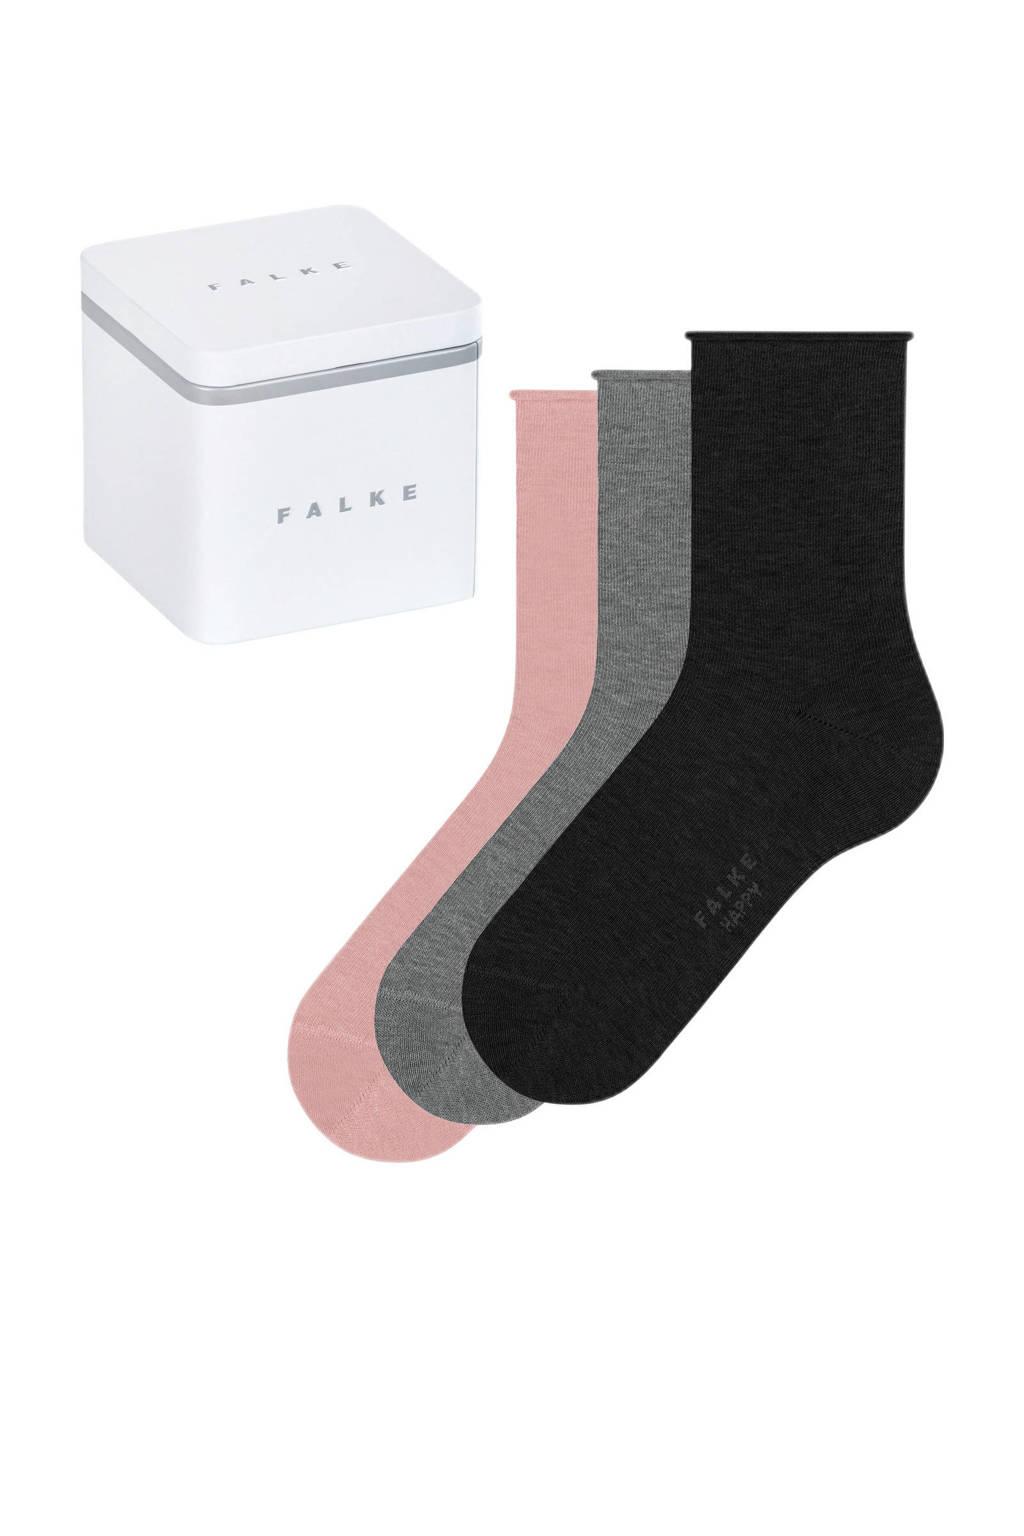 FALKE giftbox Happy sokken - set van 3 roze/grijs/zwart, Roze/grijs/zwart